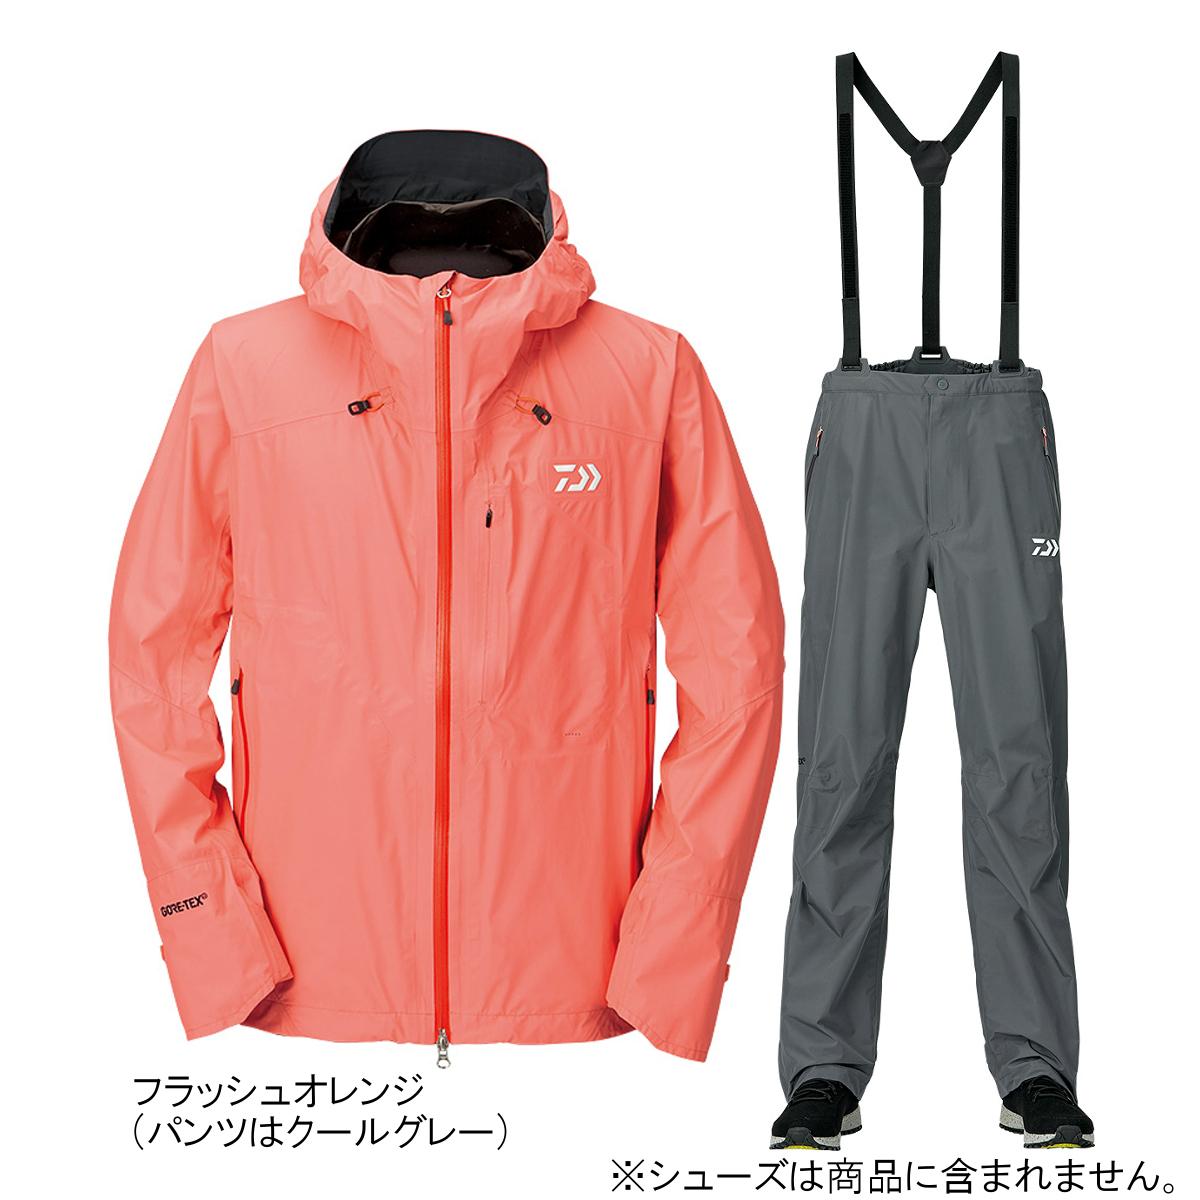 ダイワ ゴアテックス パックライトプラス レインスーツ DR-16009 XL フラッシュオレンジ【送料無料】